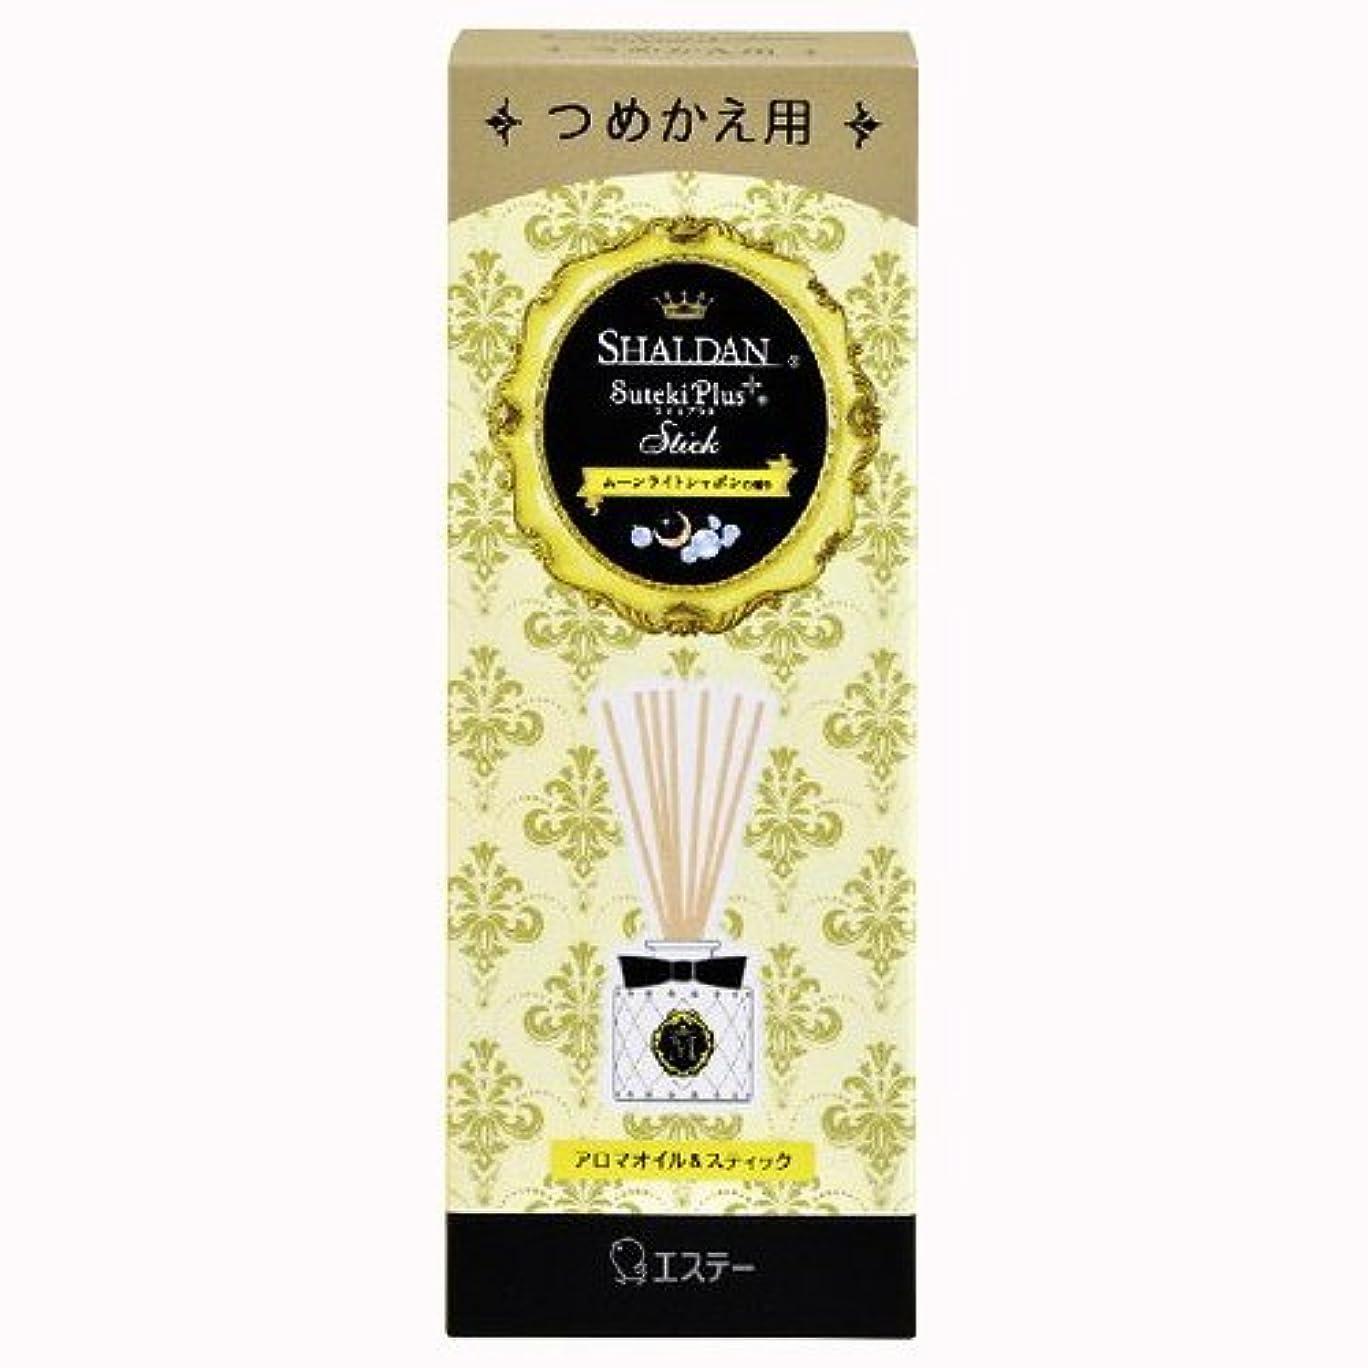 トラップ不健康公爵SHALDAN(シャルダン) ステキプラス Stick つめかえ ムーンライトシャボンの香り × 3個セット